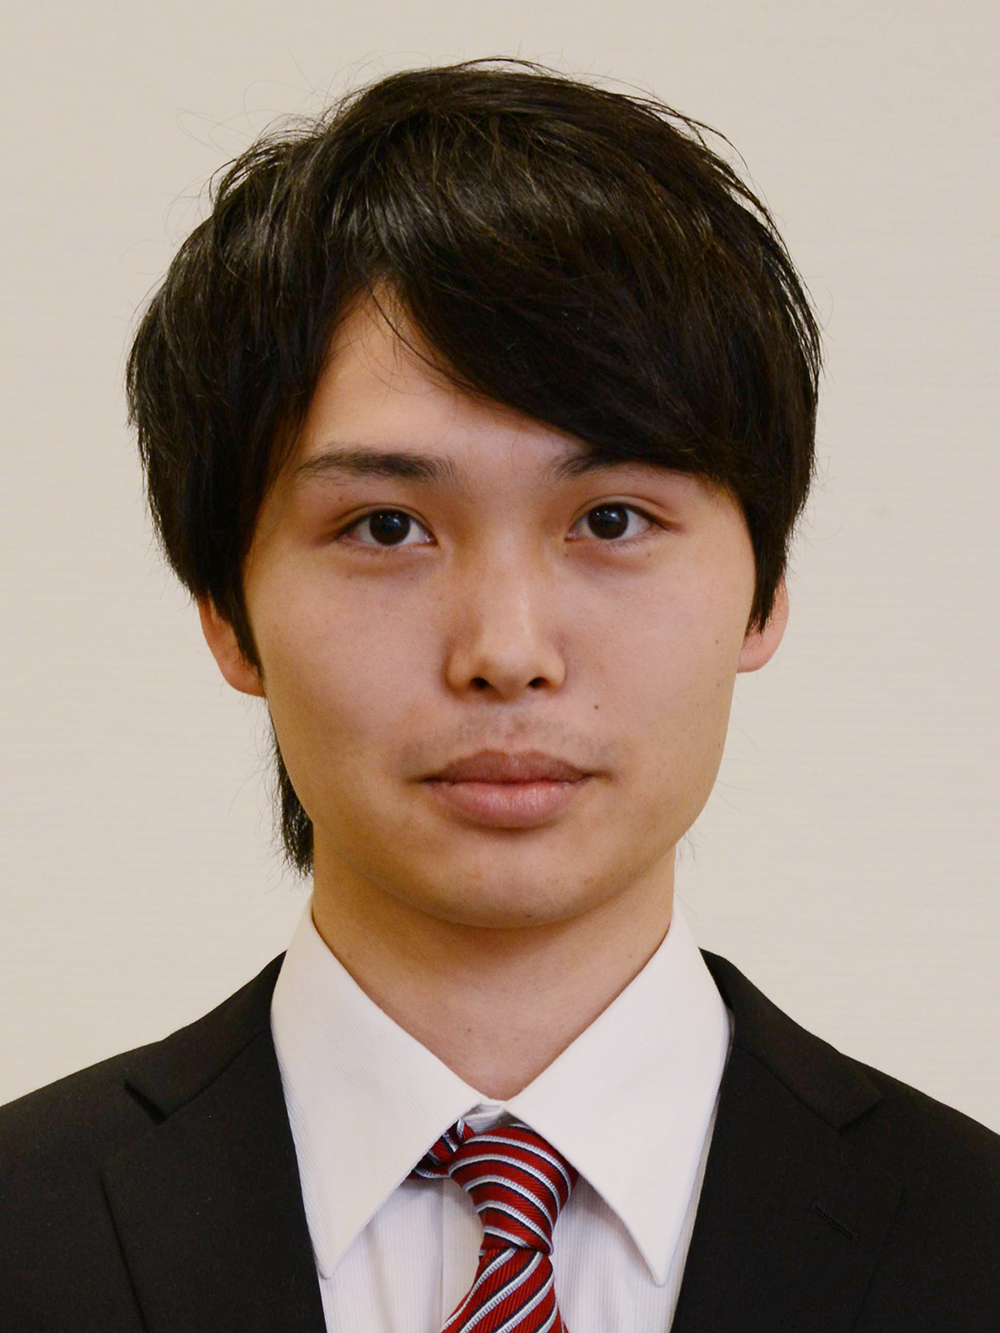 遼太郎 原田の画像